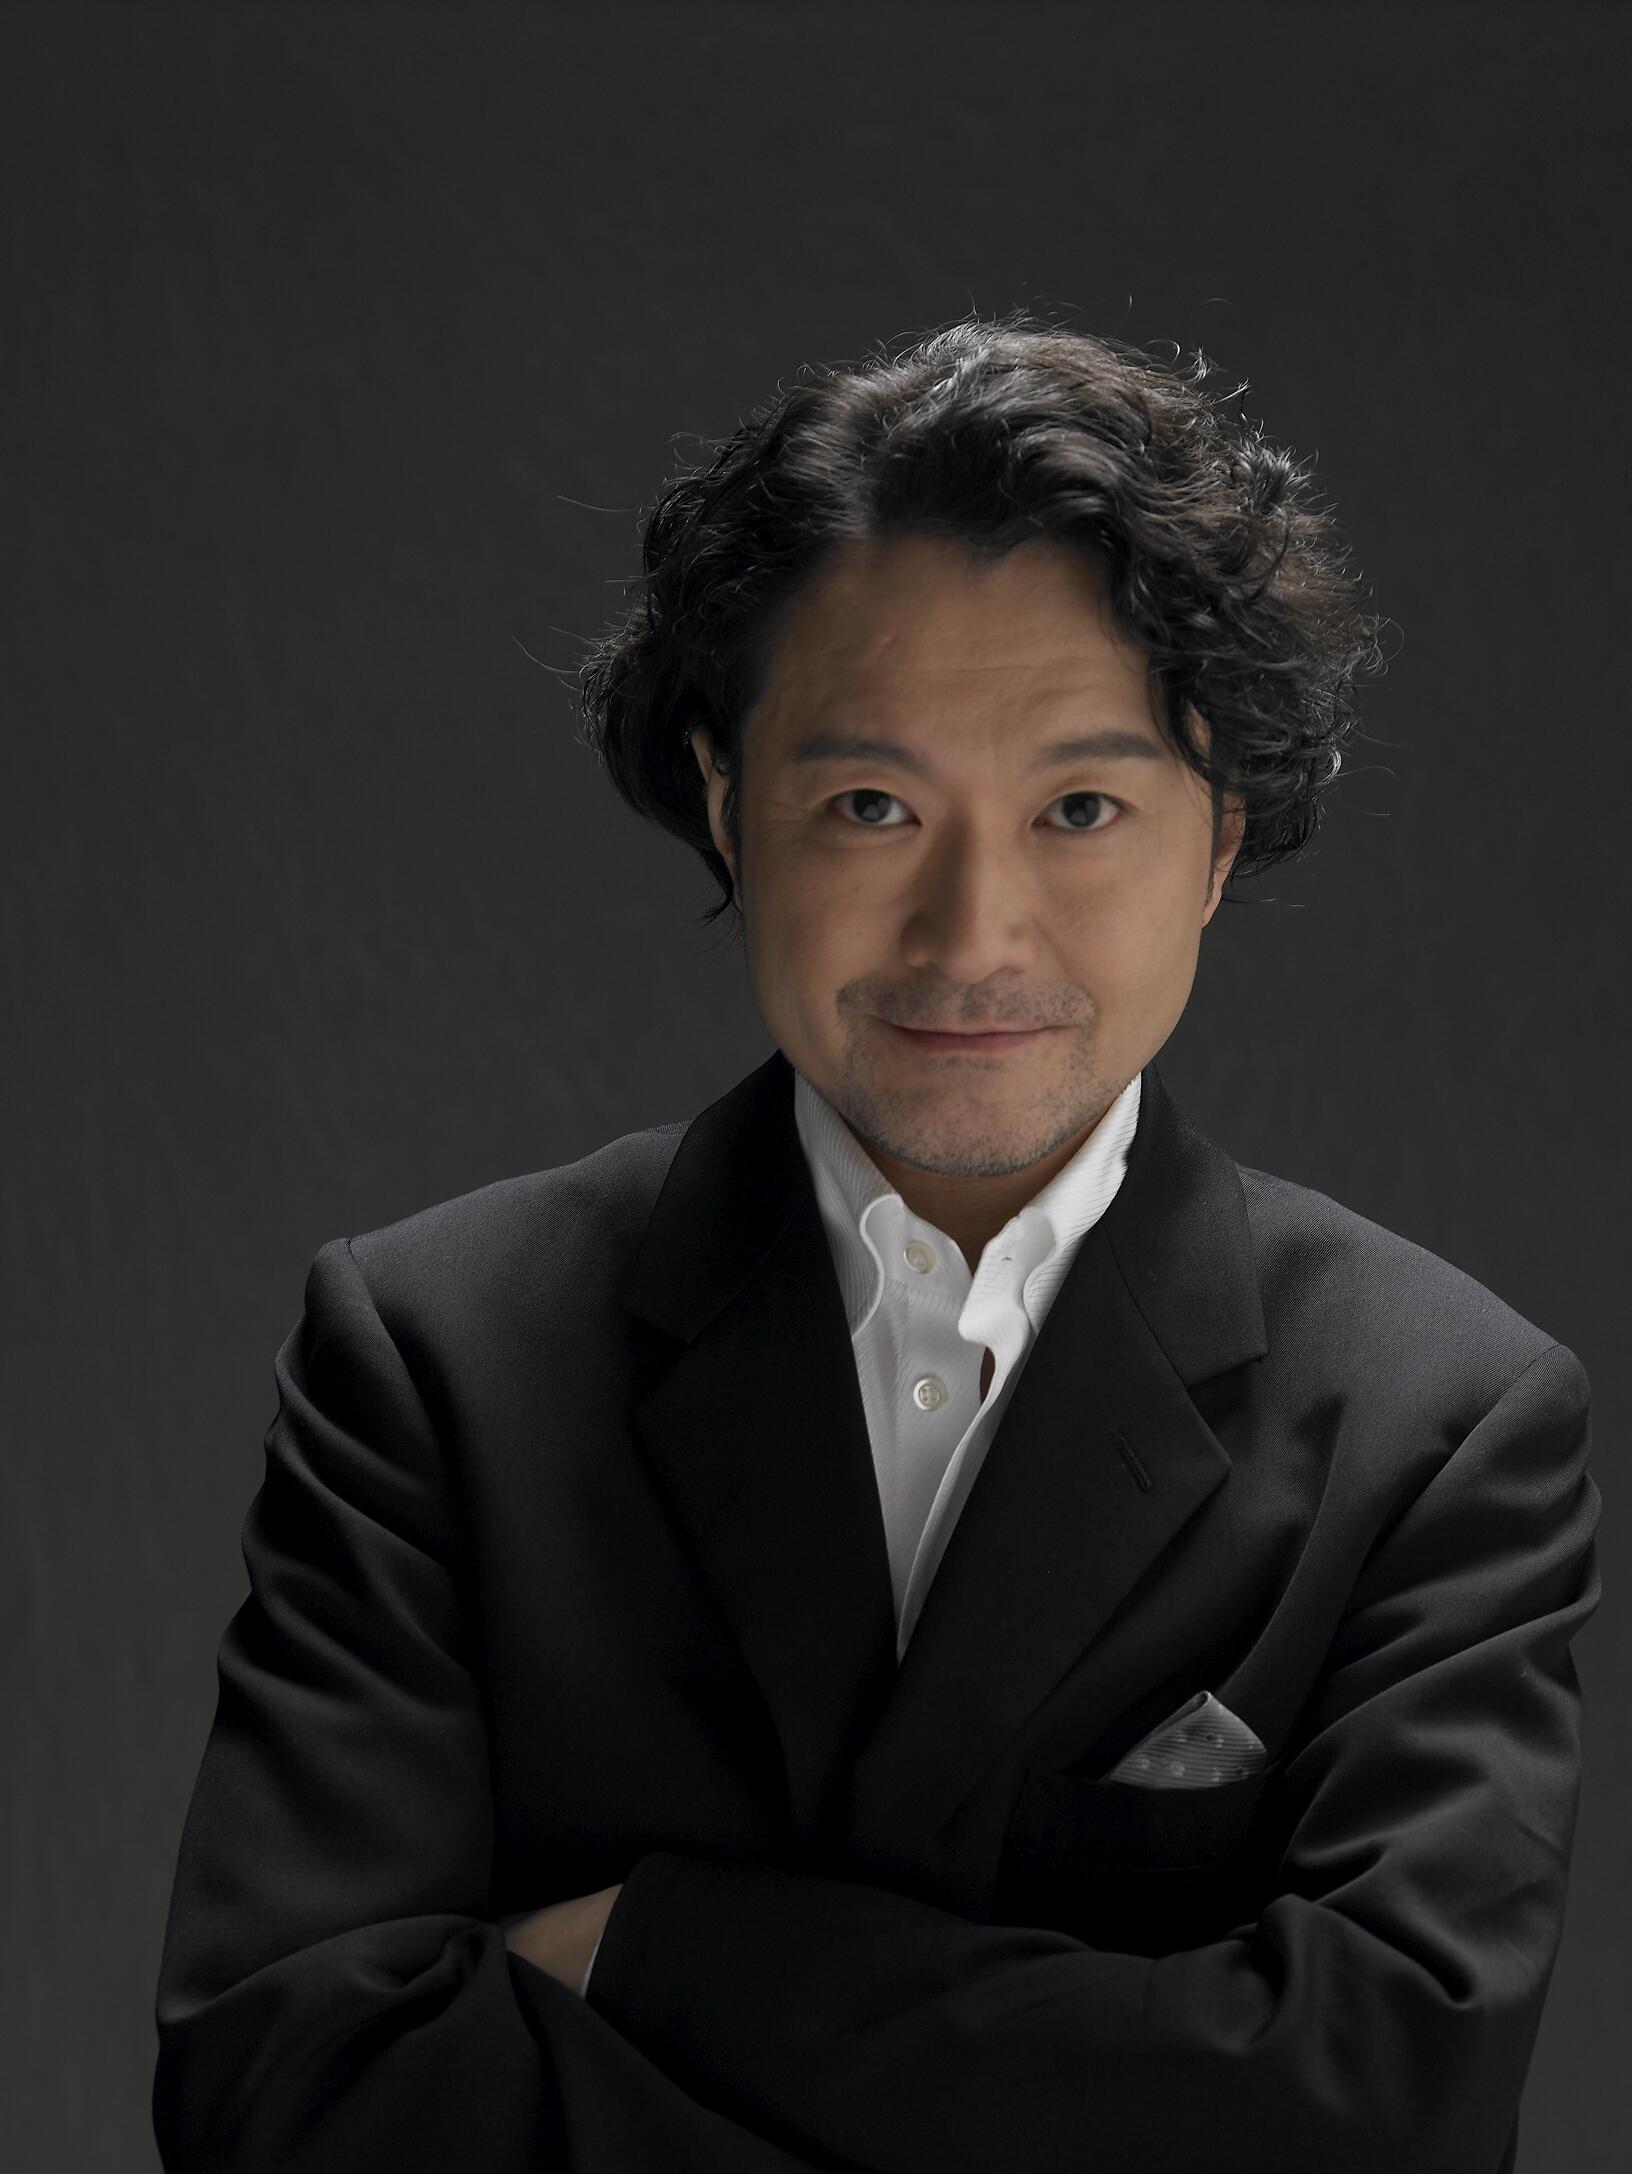 演出家・白井晃氏。フィリップ・リドリー作品を演出するのは『レディエント・バーミン』で6作目。